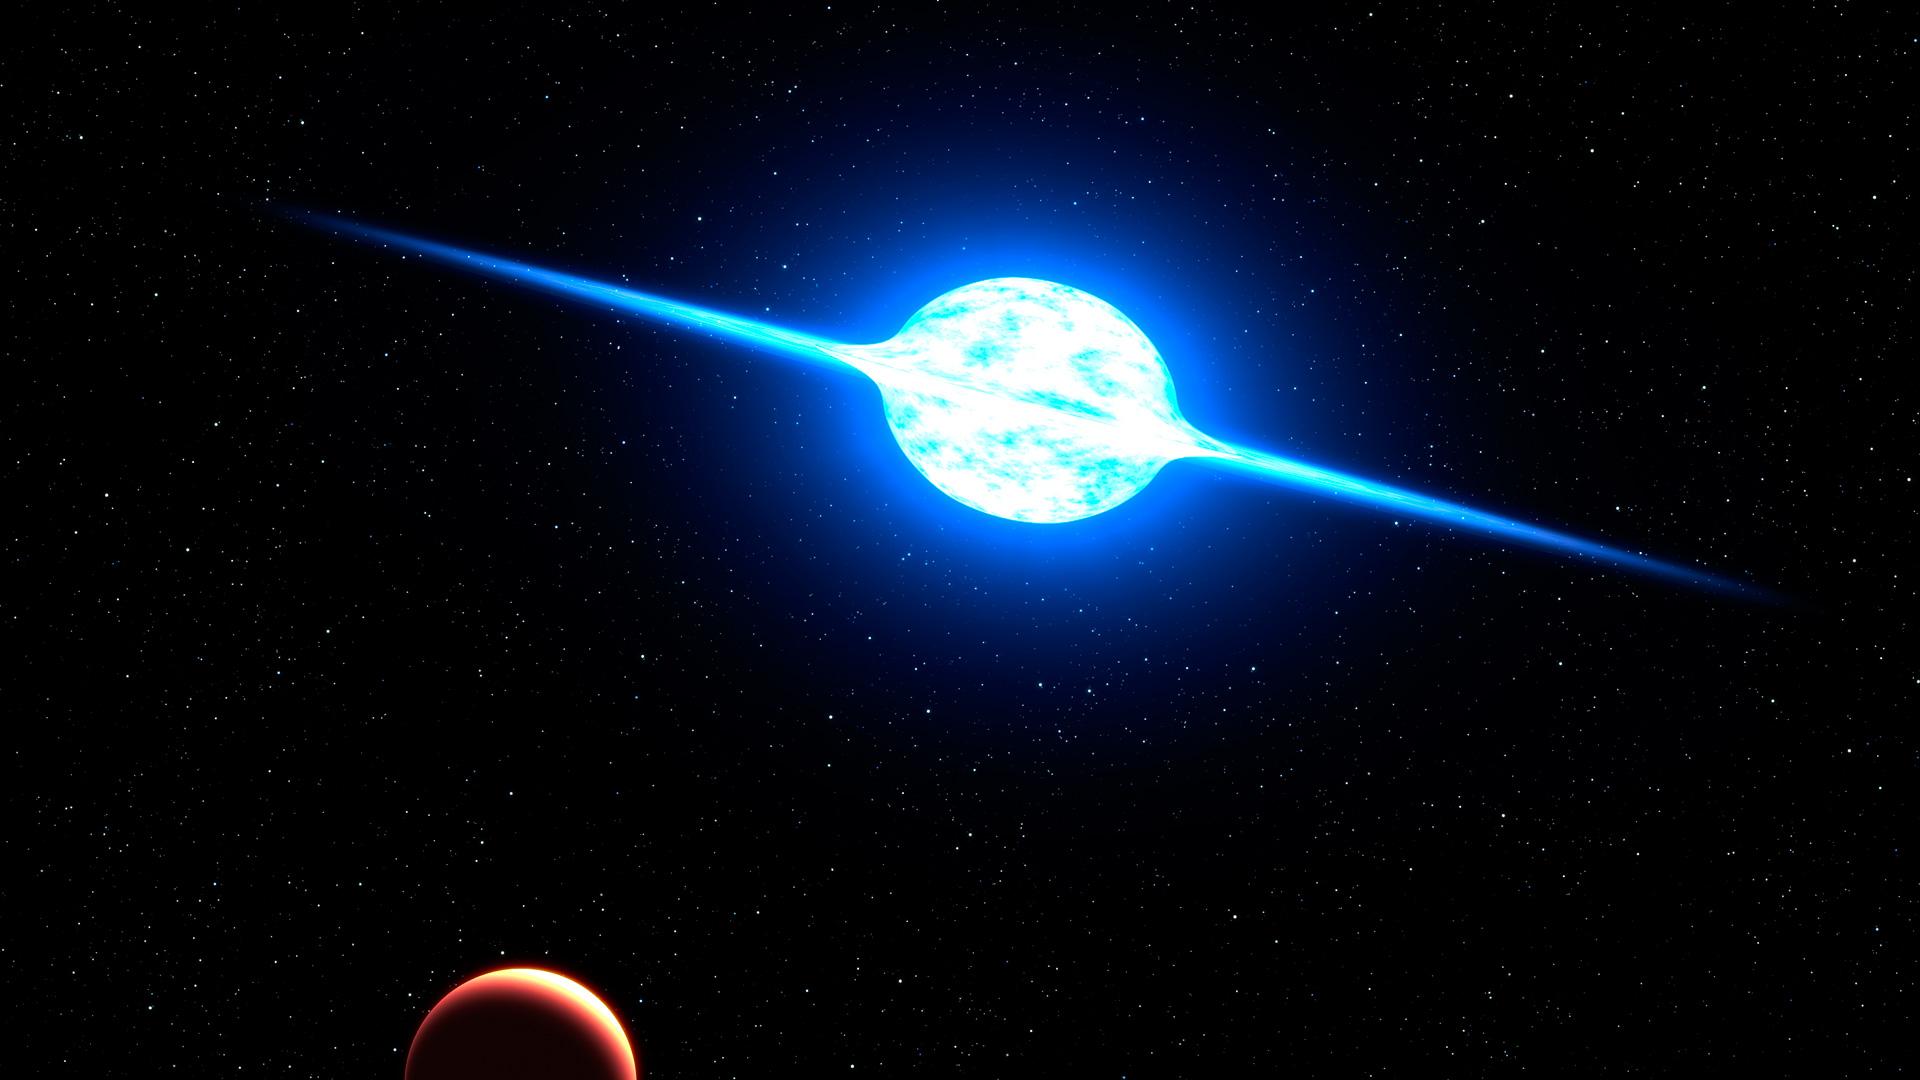 Fastest Rotating Star wallpaper   808599 1920x1080